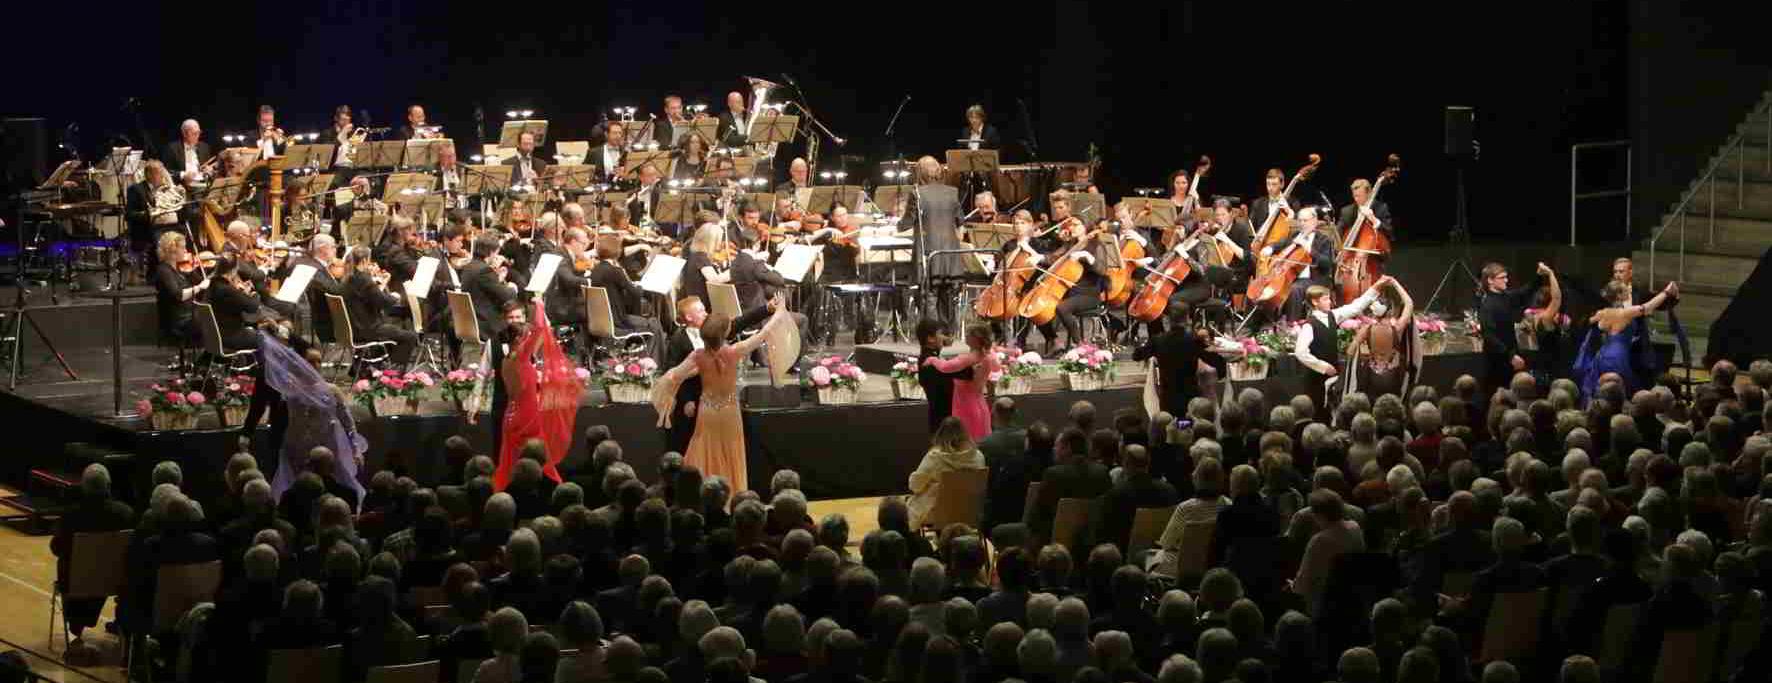 o-orkester-dansere